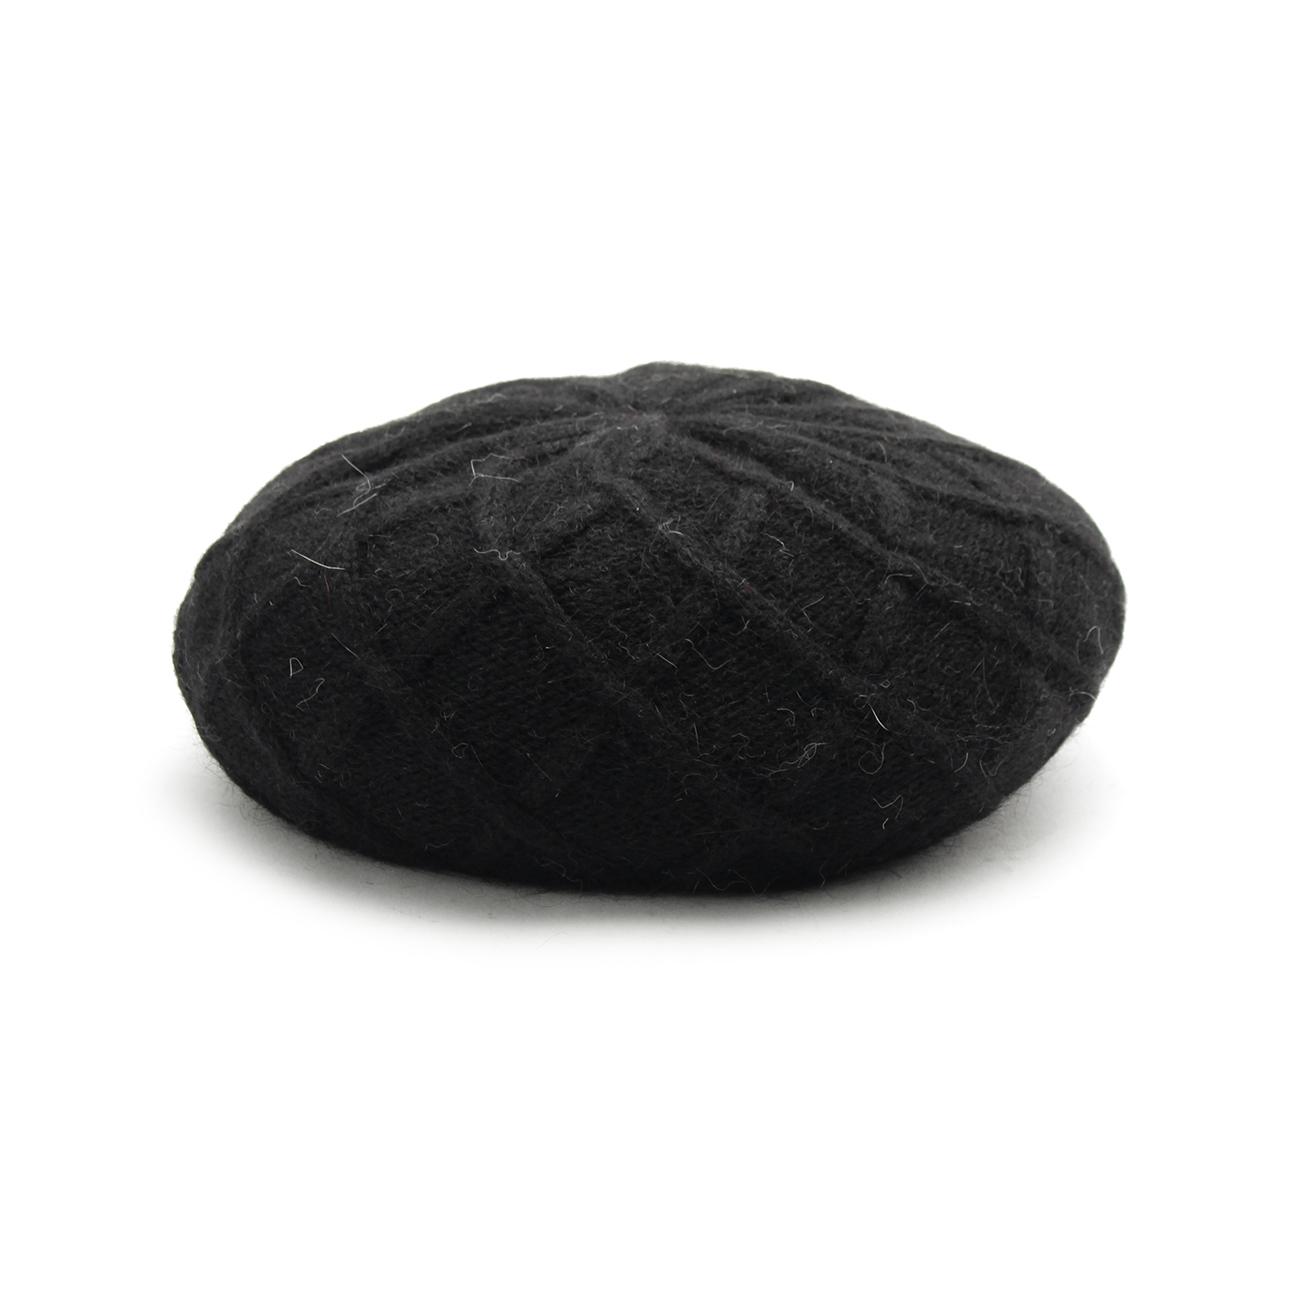 【OPAQUE.CLIP (オペークドットクリップ)】ダイヤベレー帽レディース 帽子 ハンチング・ベレー帽 ブラック